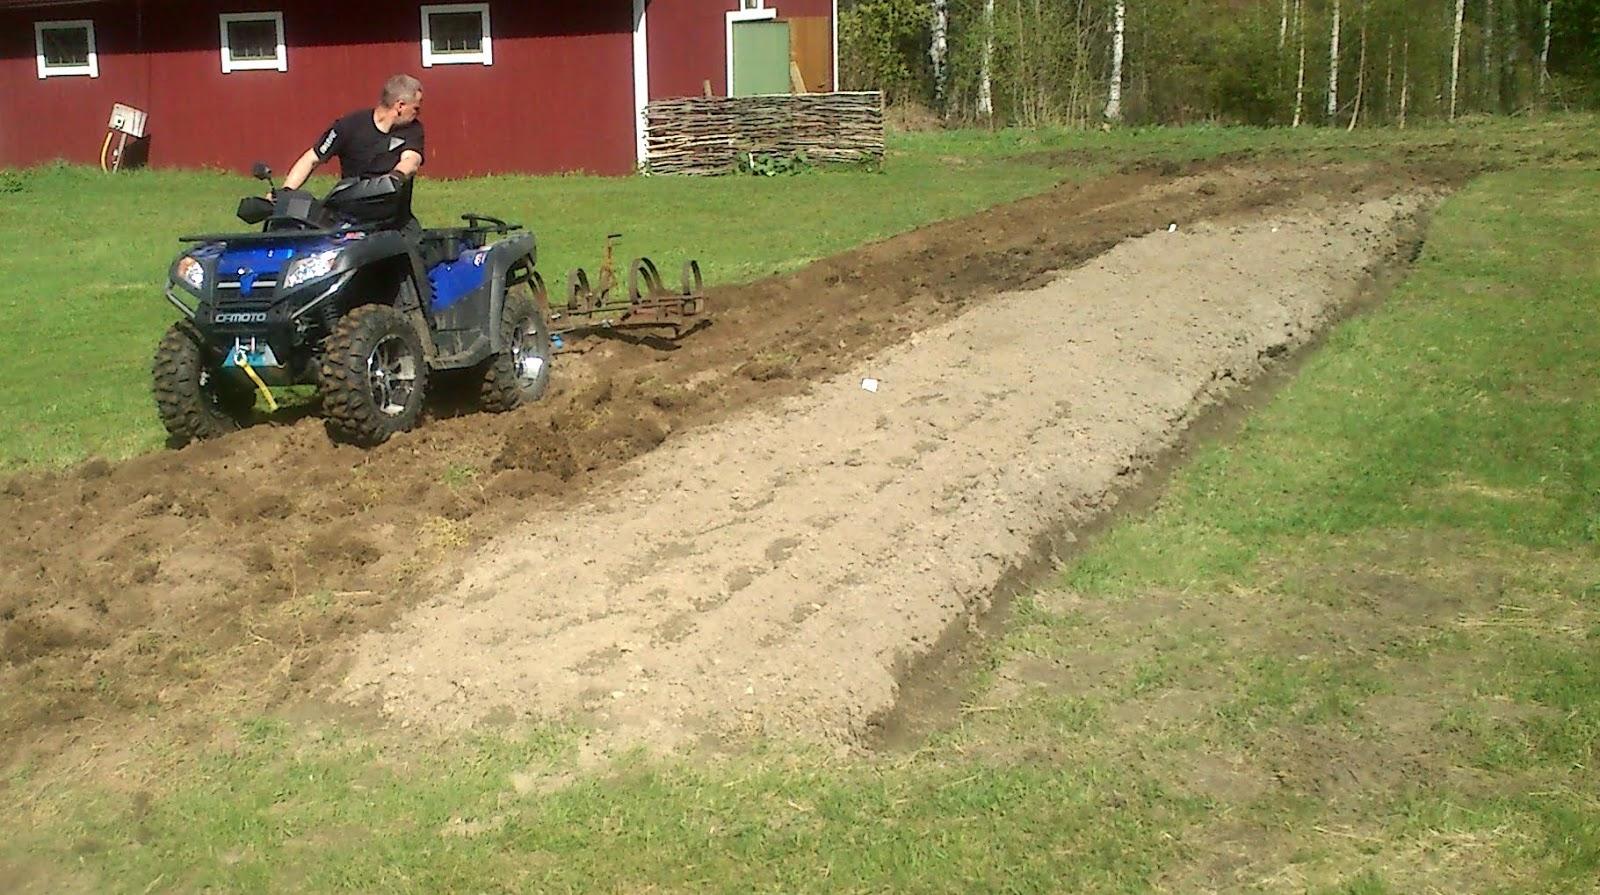 Hästharv, gamla jordbruksredskap, fyrhjuling, självhushåll, småbruk, potatis